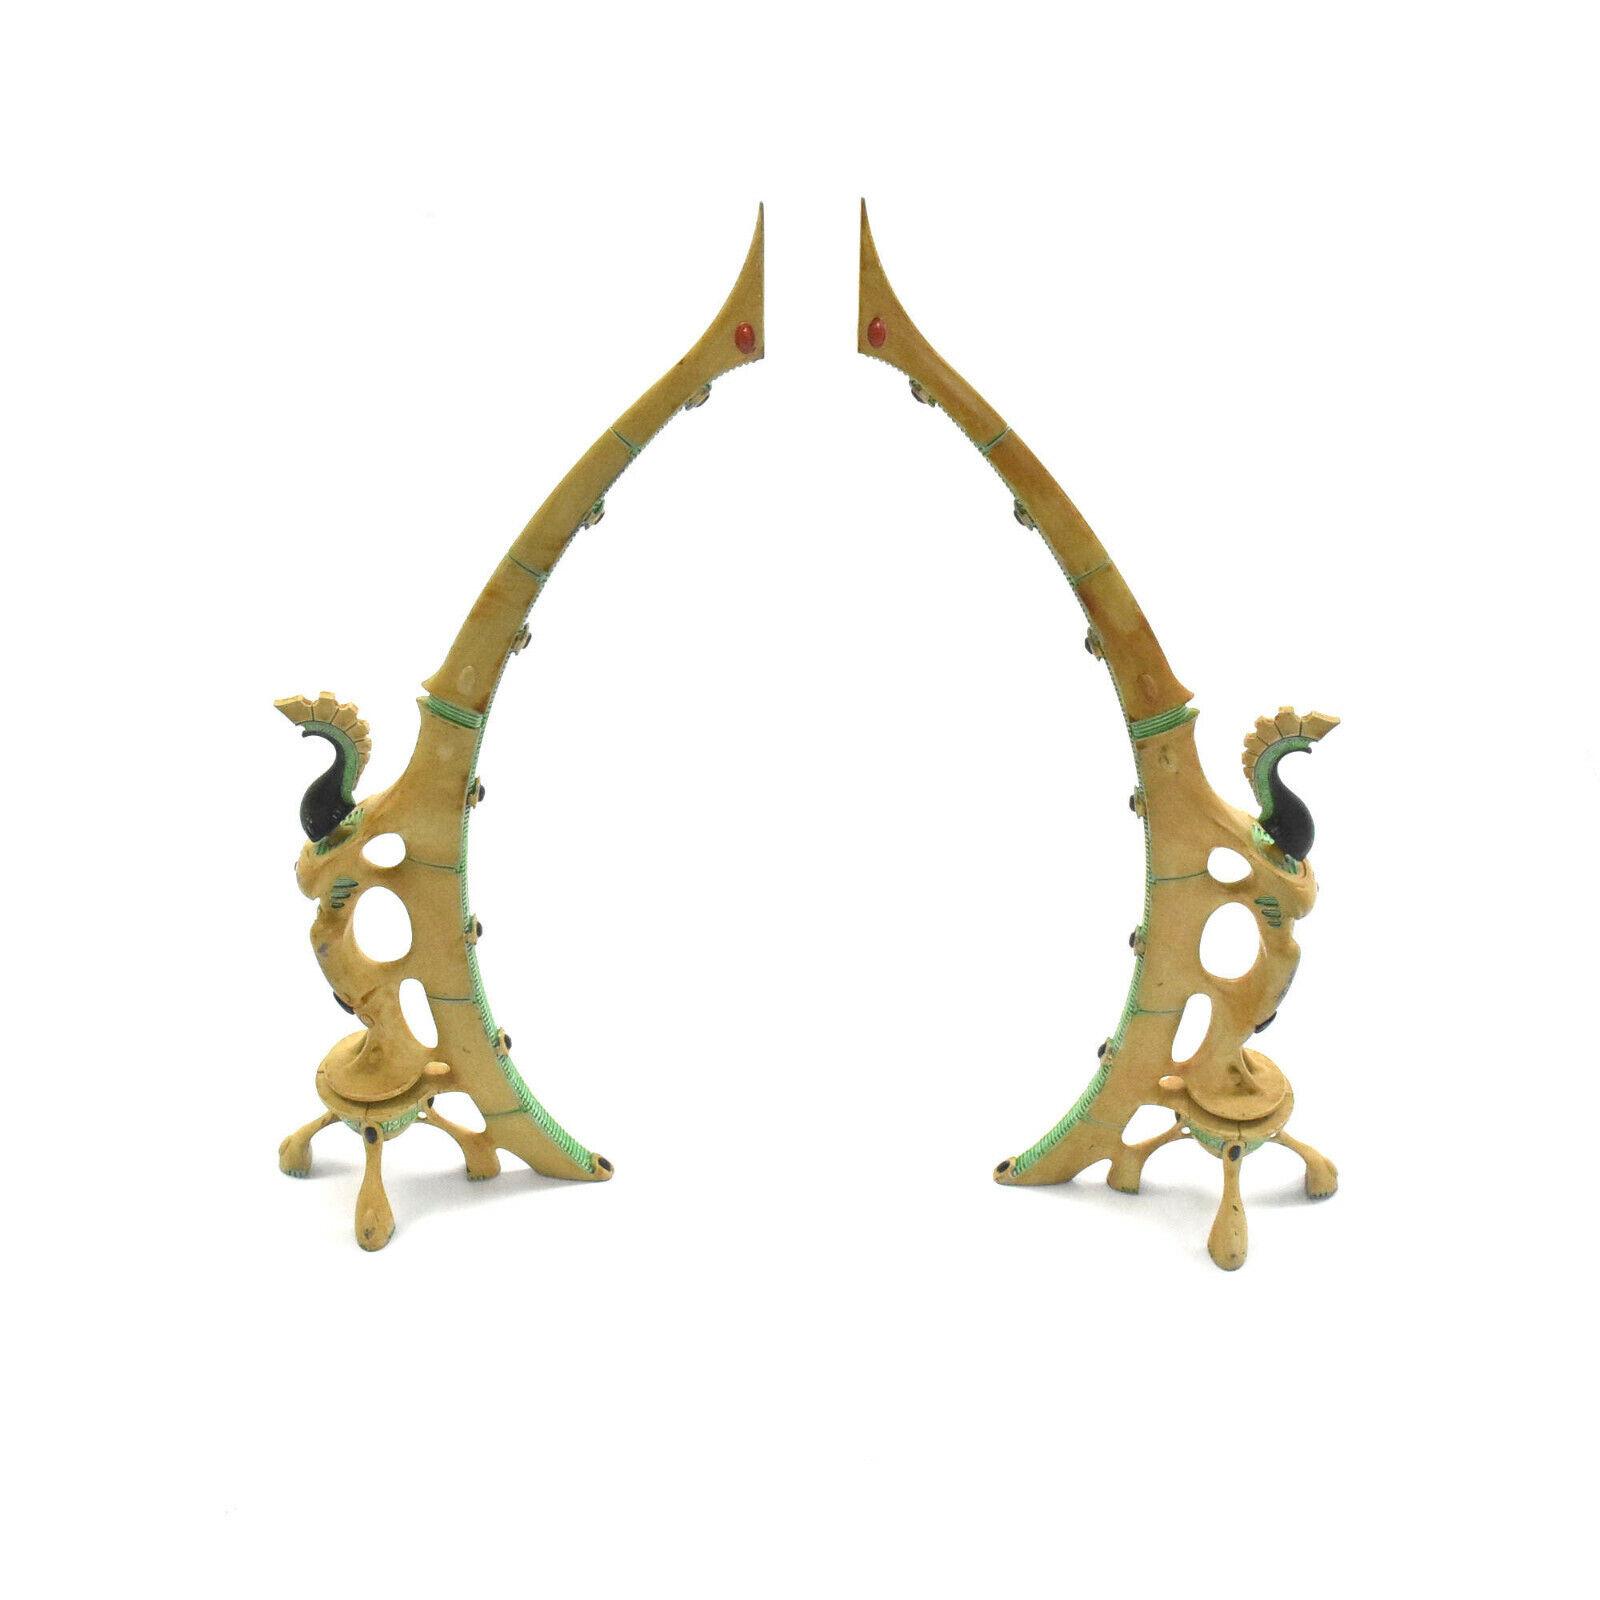 CRAFTWORLDS Web way gate  1 WELL PAINTED Warhammer 40K Eldar